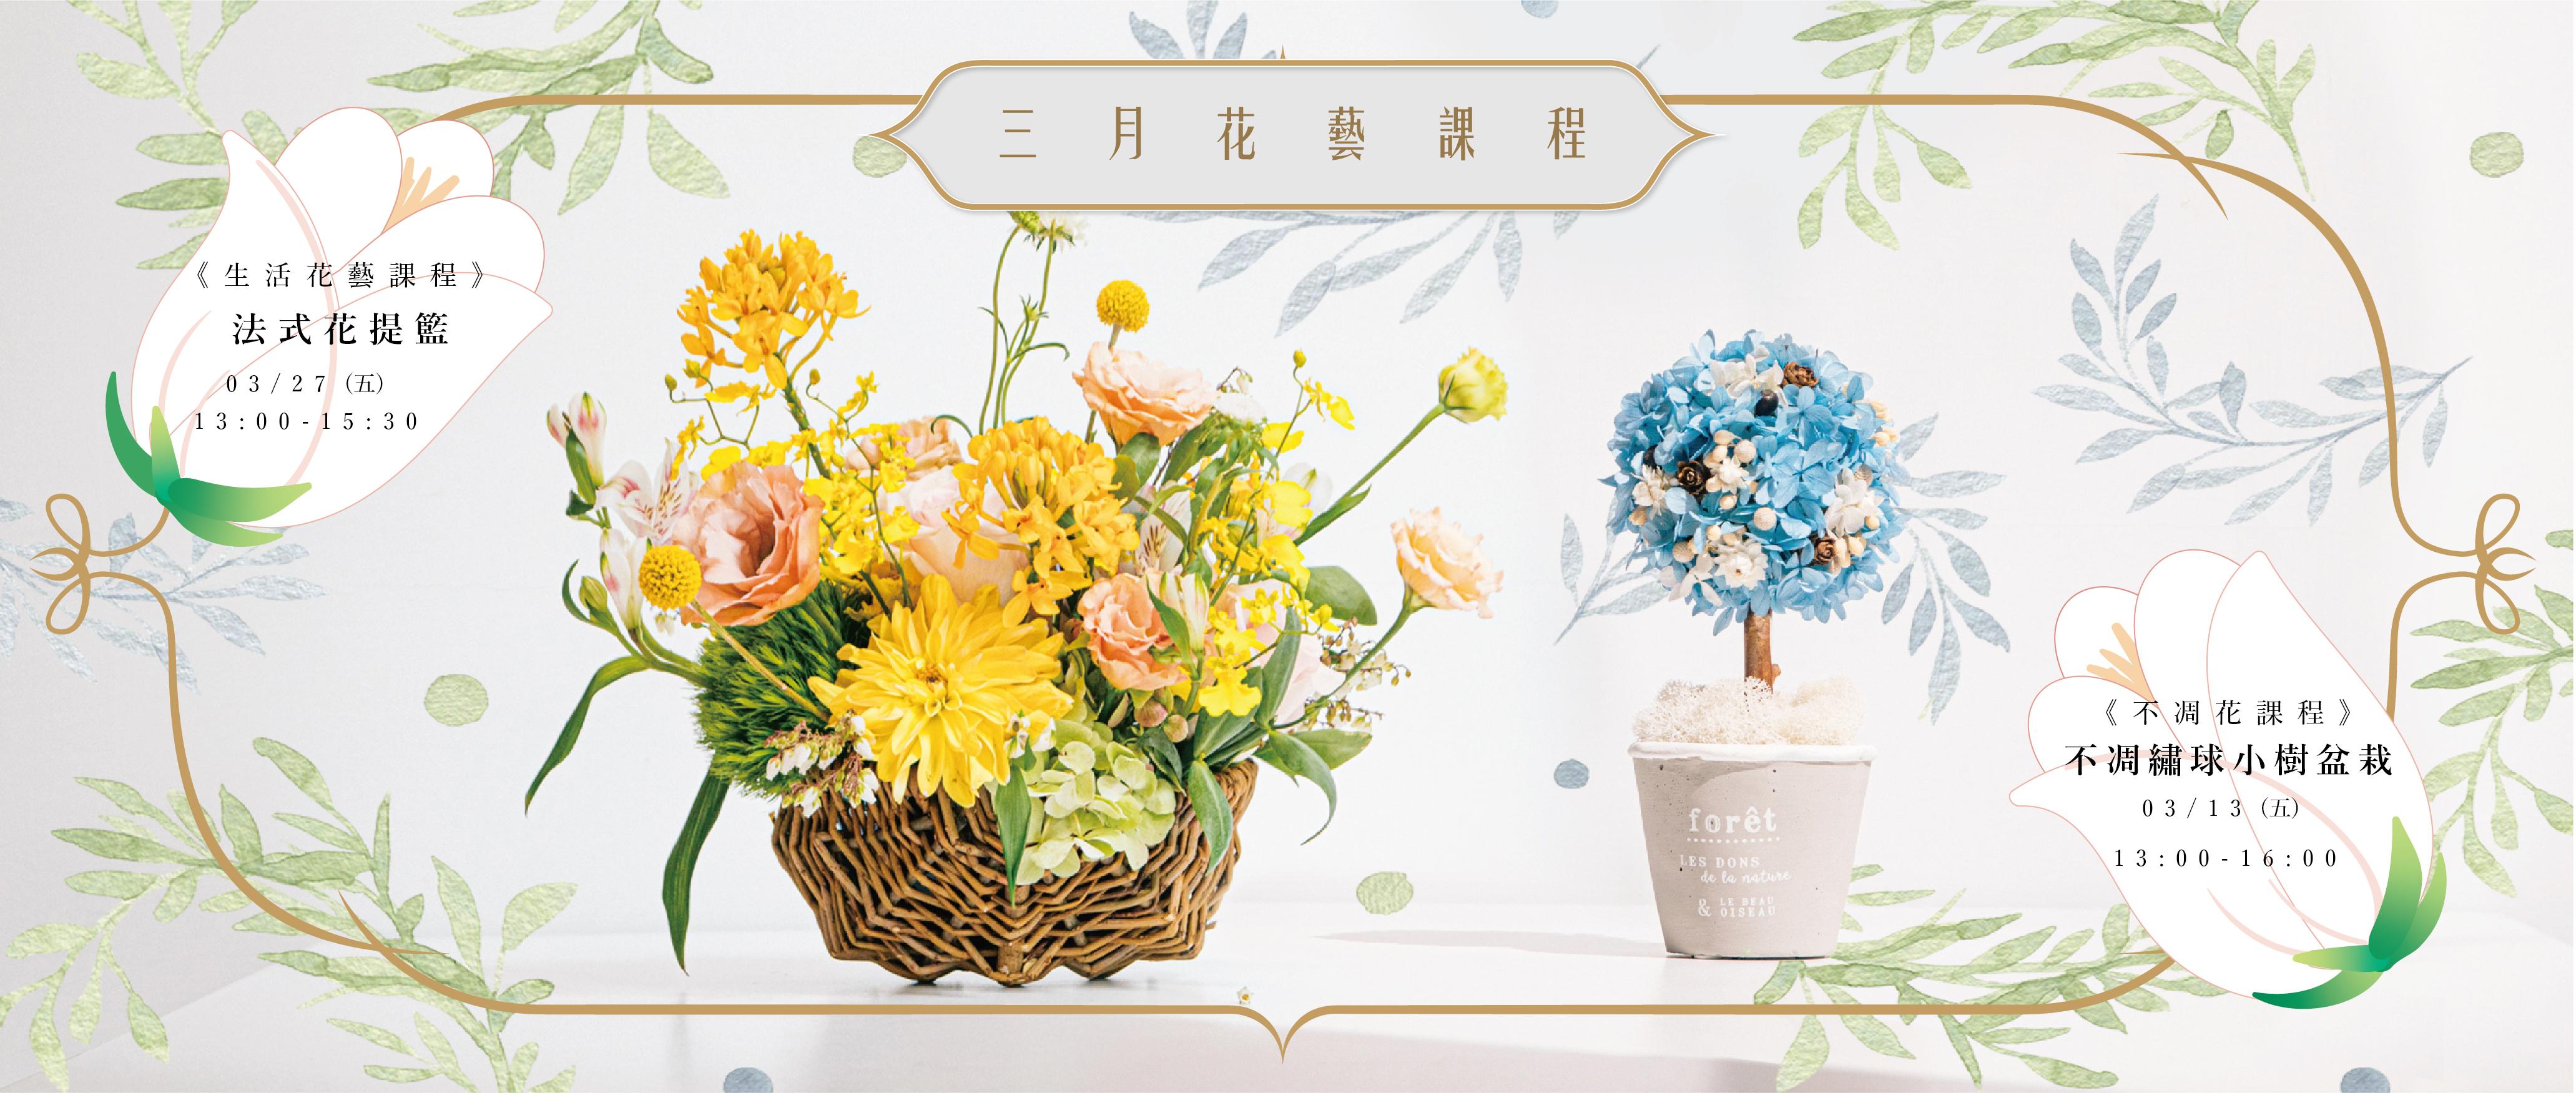 花藝教學,花藝課程,法式花藝,花提籃,不凋花,永生花,盆栽,春天,